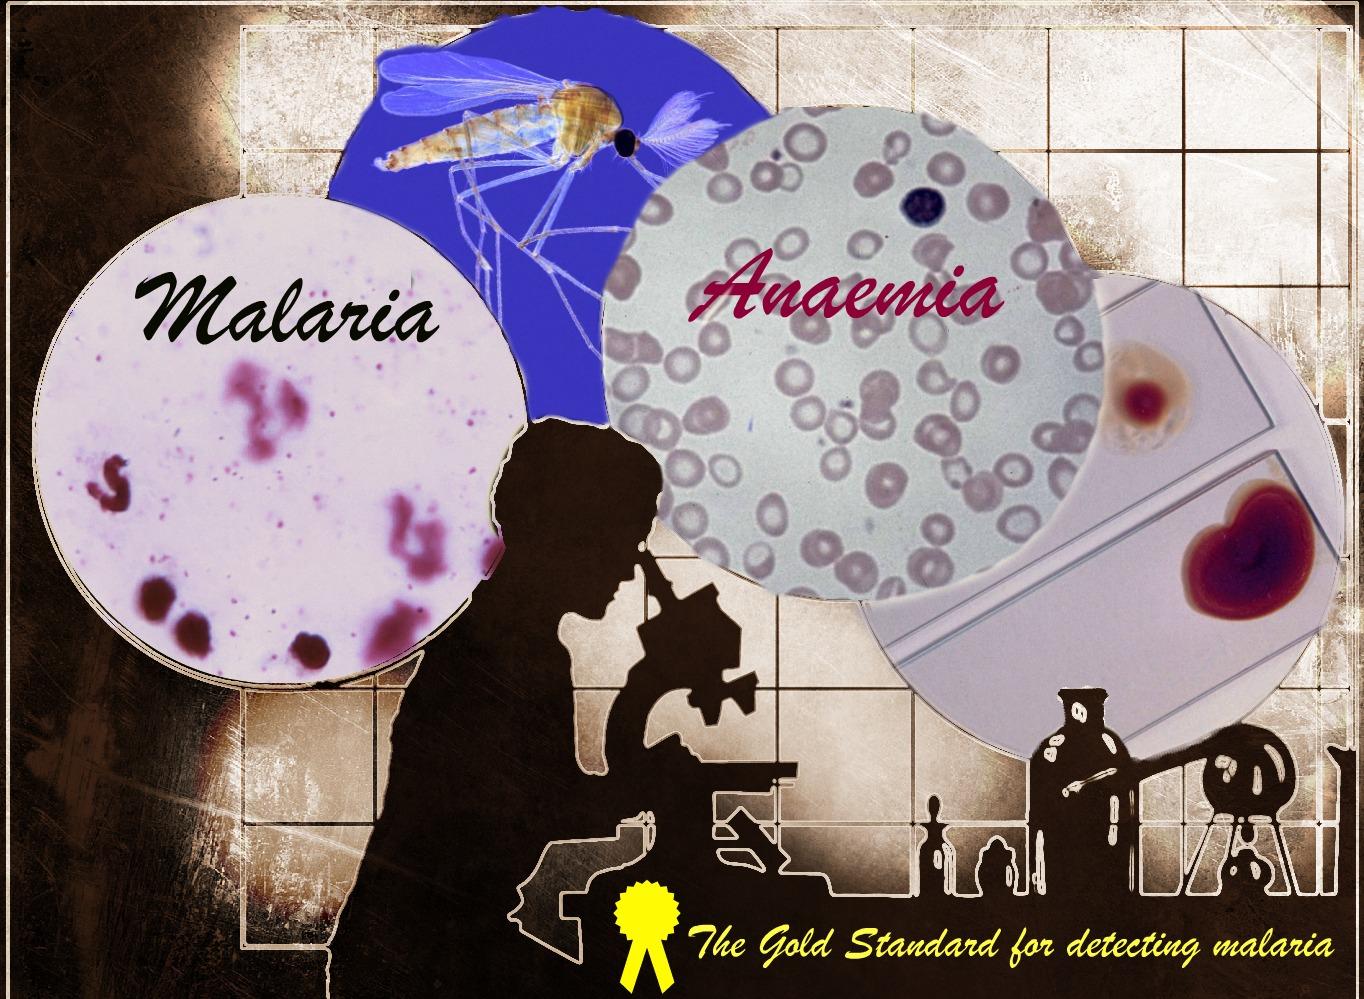 Malaria_anaemia_diagnostic_challenge